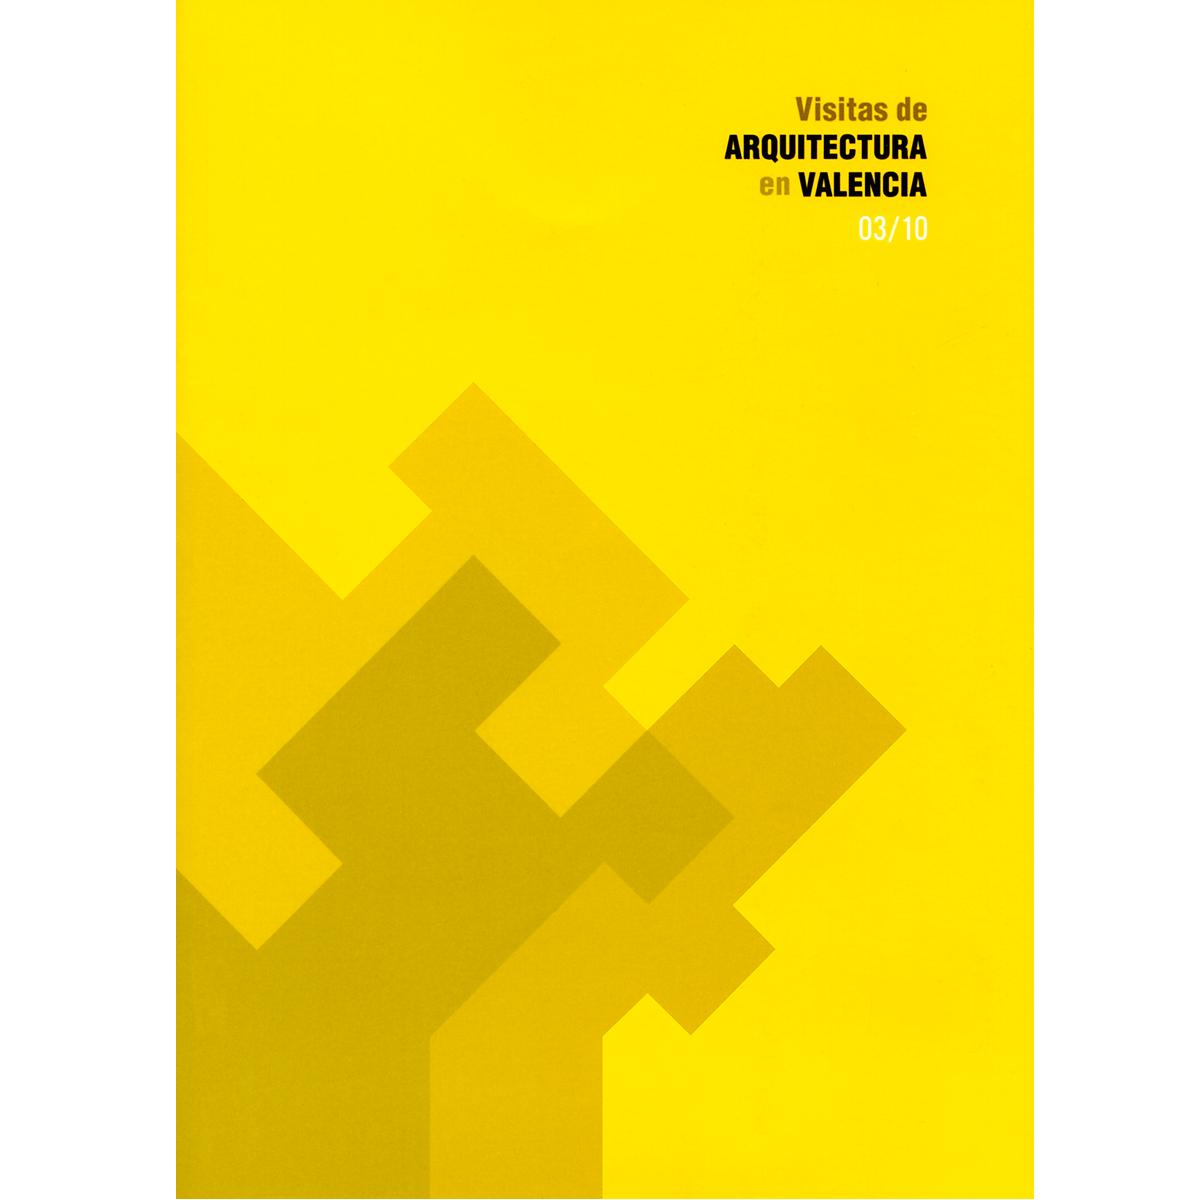 Visitas de arquitectura en Valencia 03/10